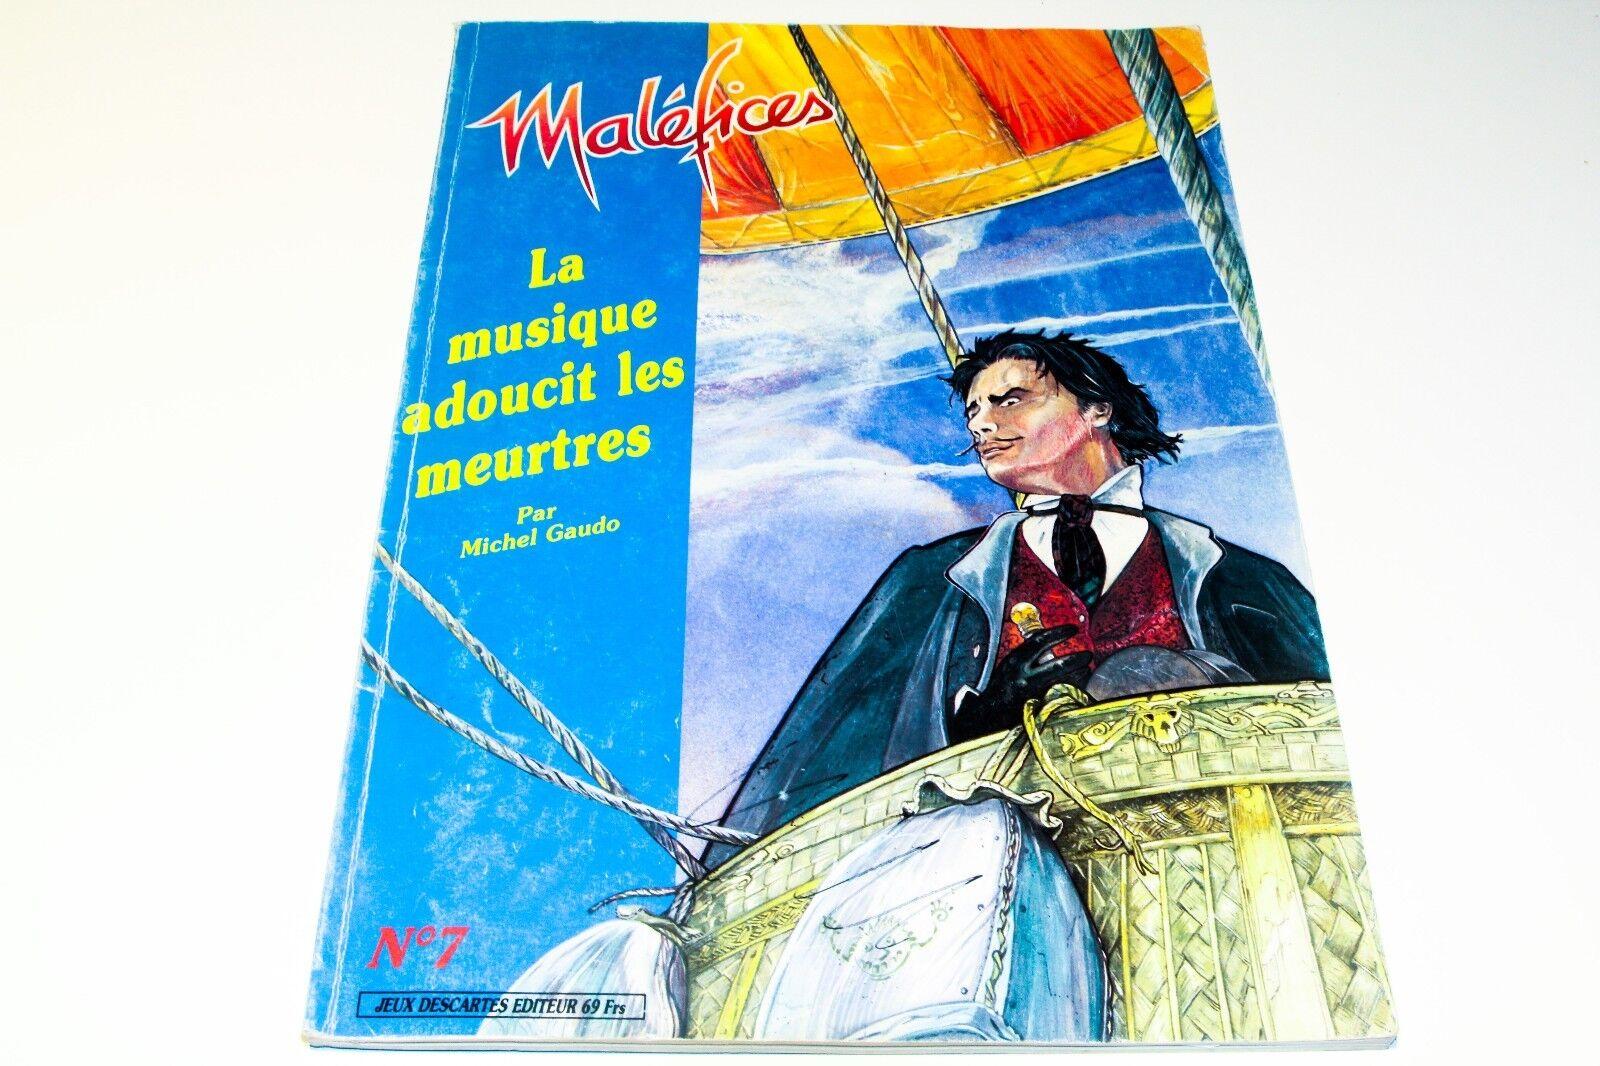 MALEFICES - LE JEU DE ROLE QUI SENT LE SOUFRE - LA MUSIQUE ADOUCIT LES MEURTRES